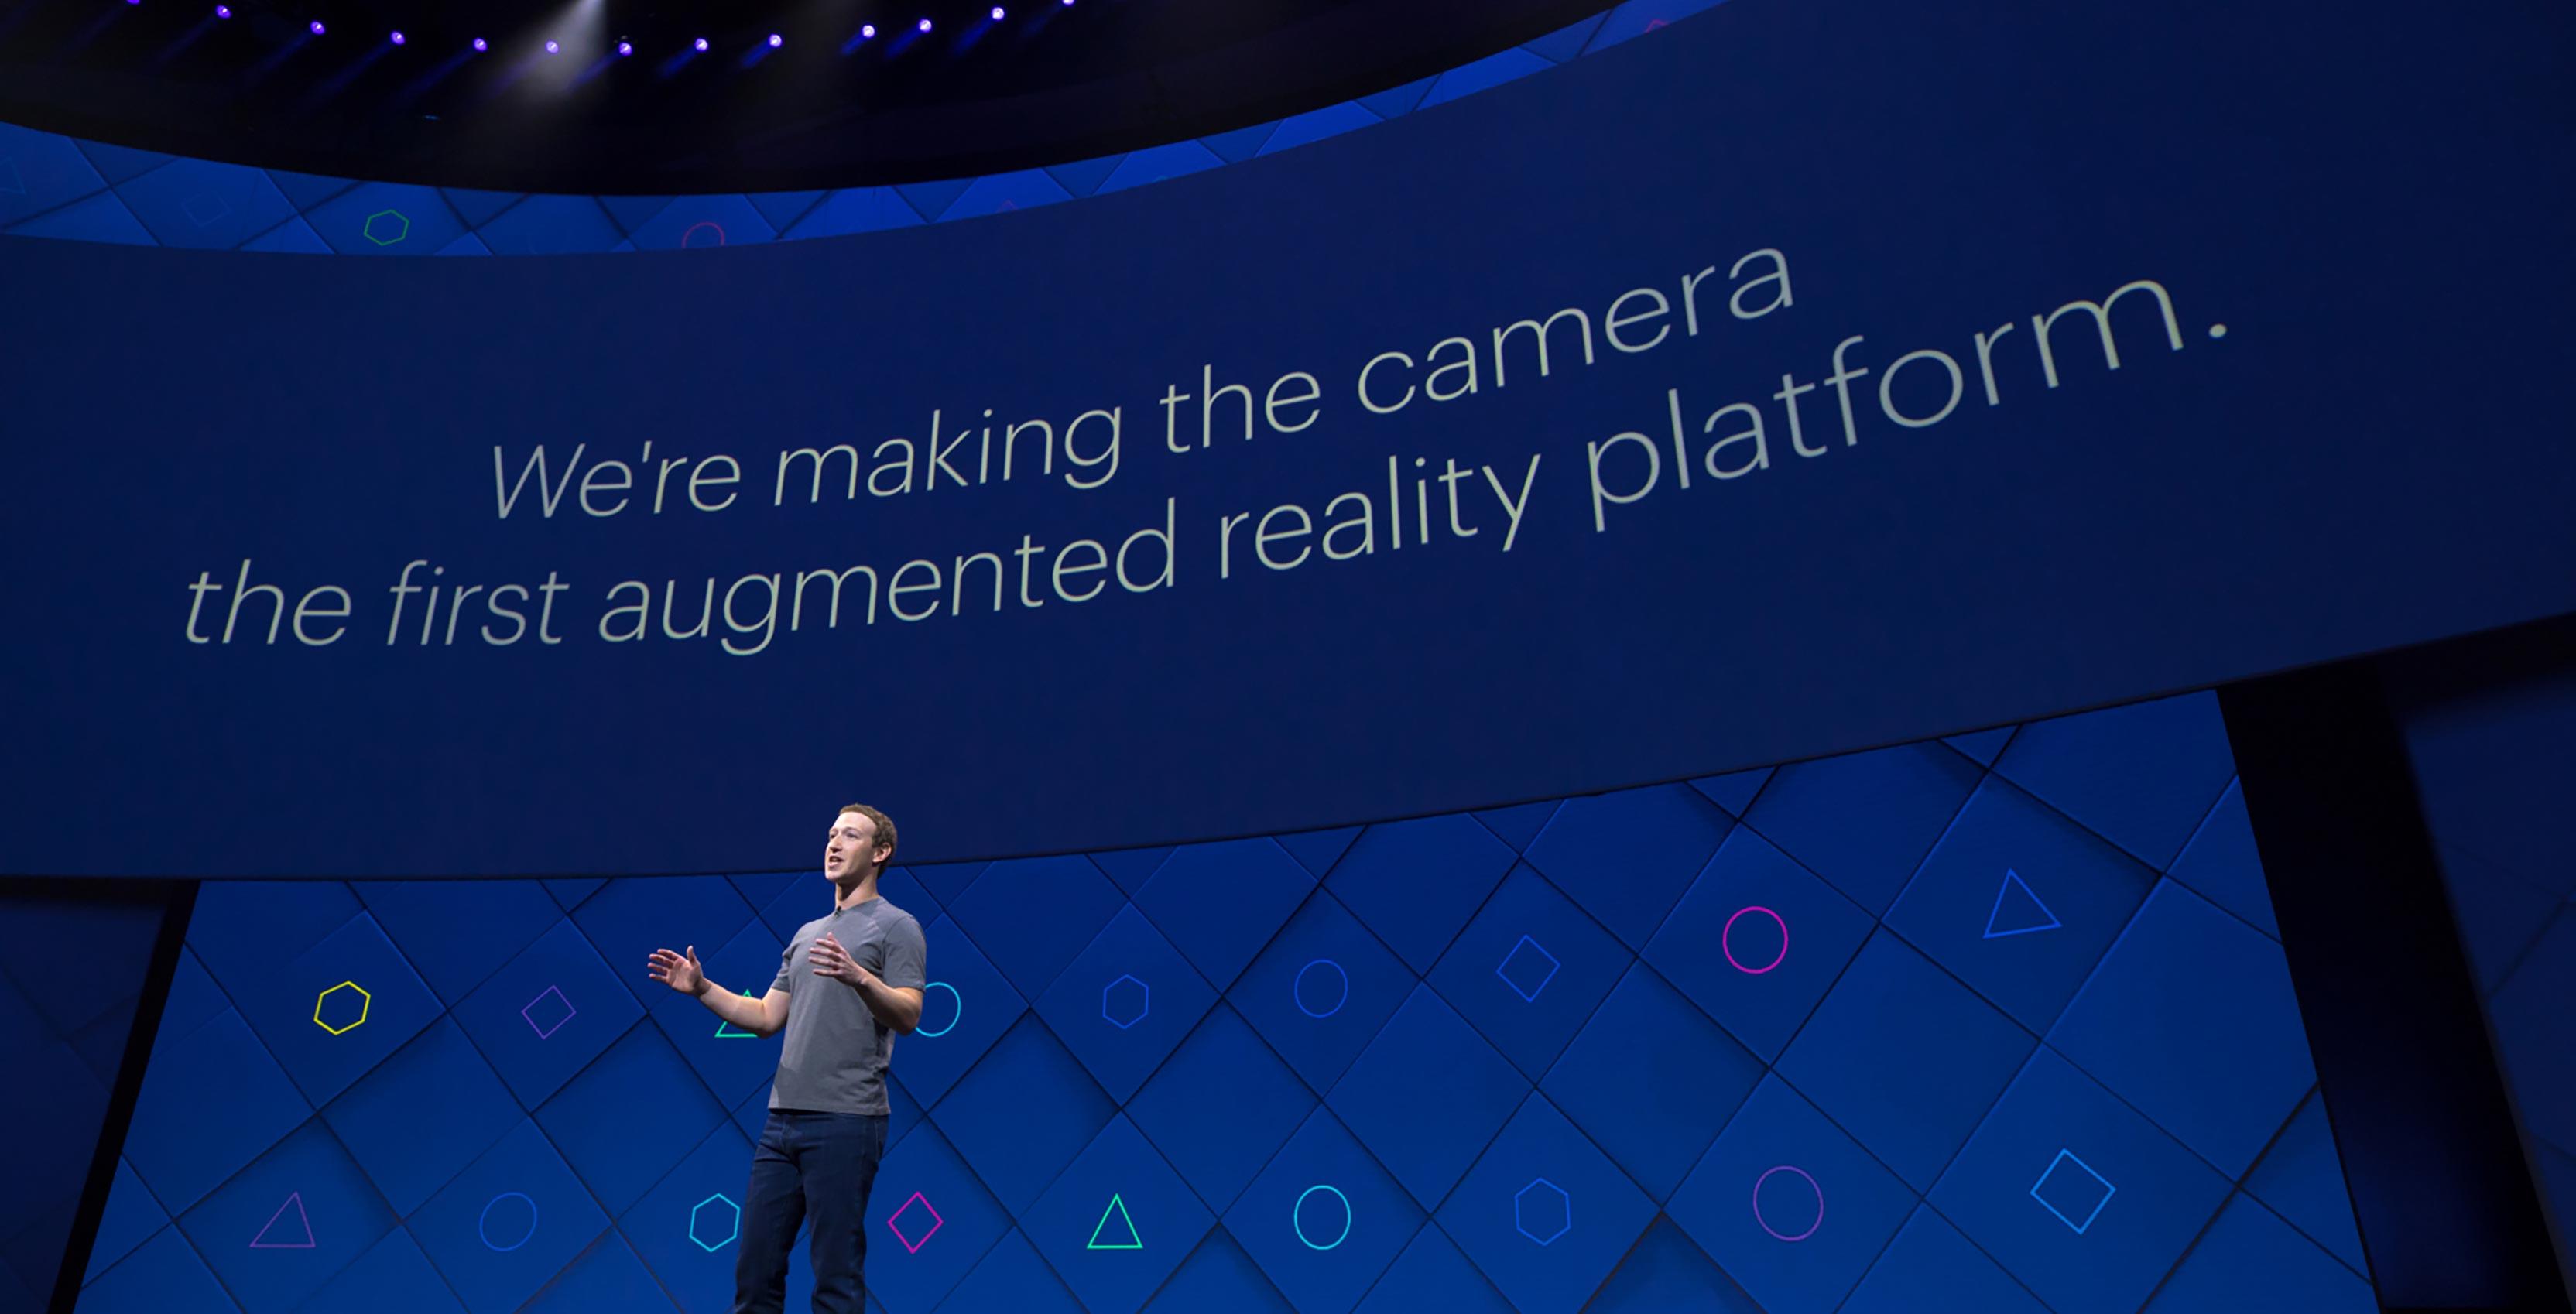 Facebook Mark Zuckerburg F8 Event